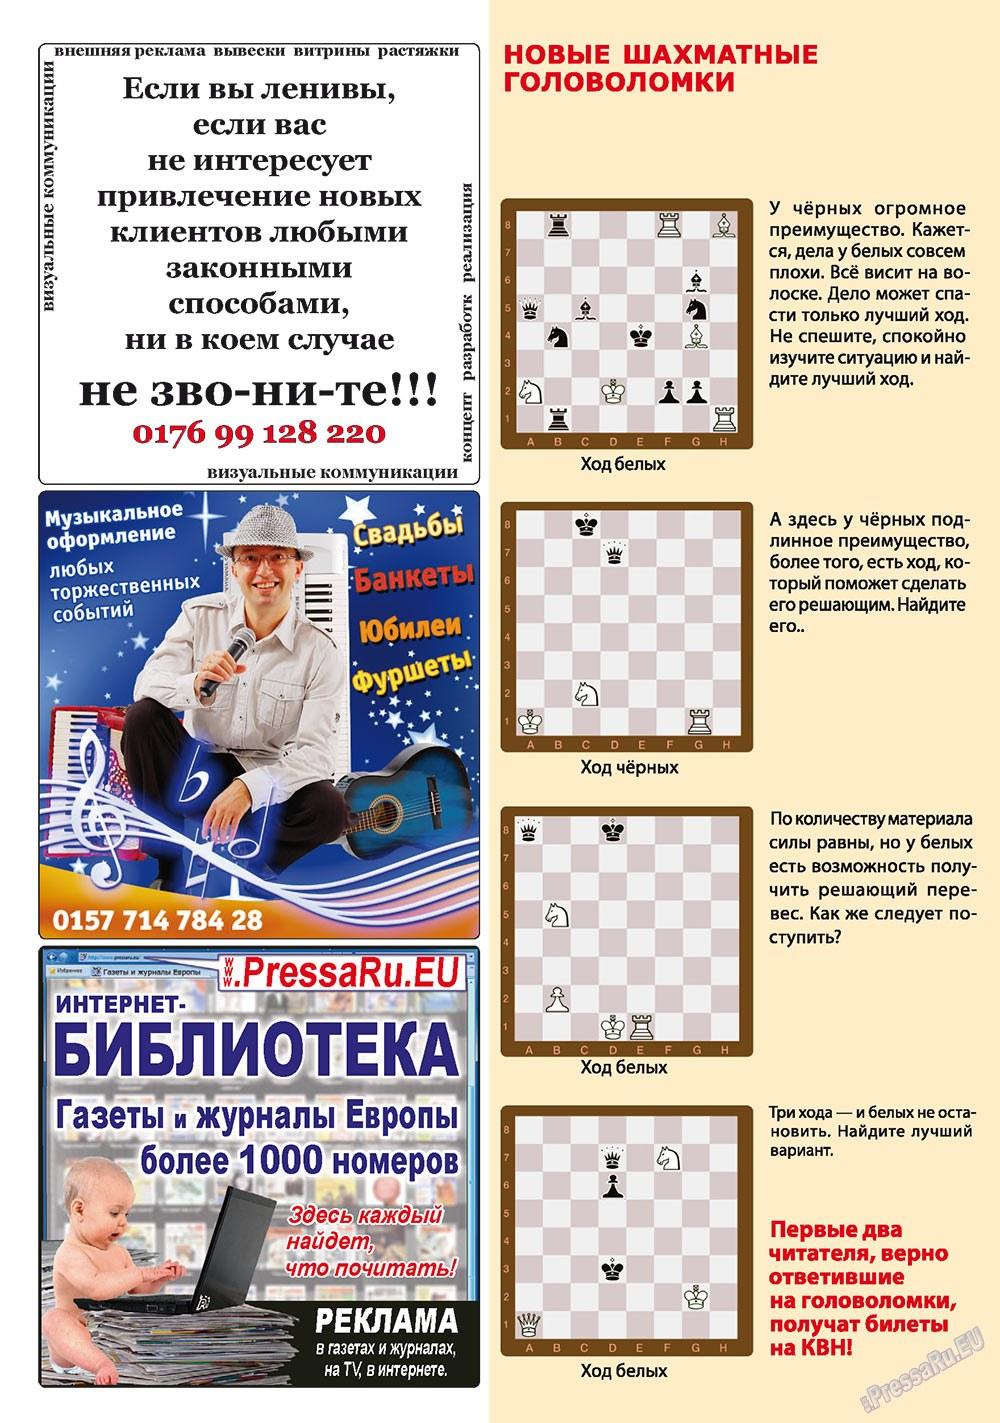 Апельсин (журнал). 2011 год, номер 23, стр. 44